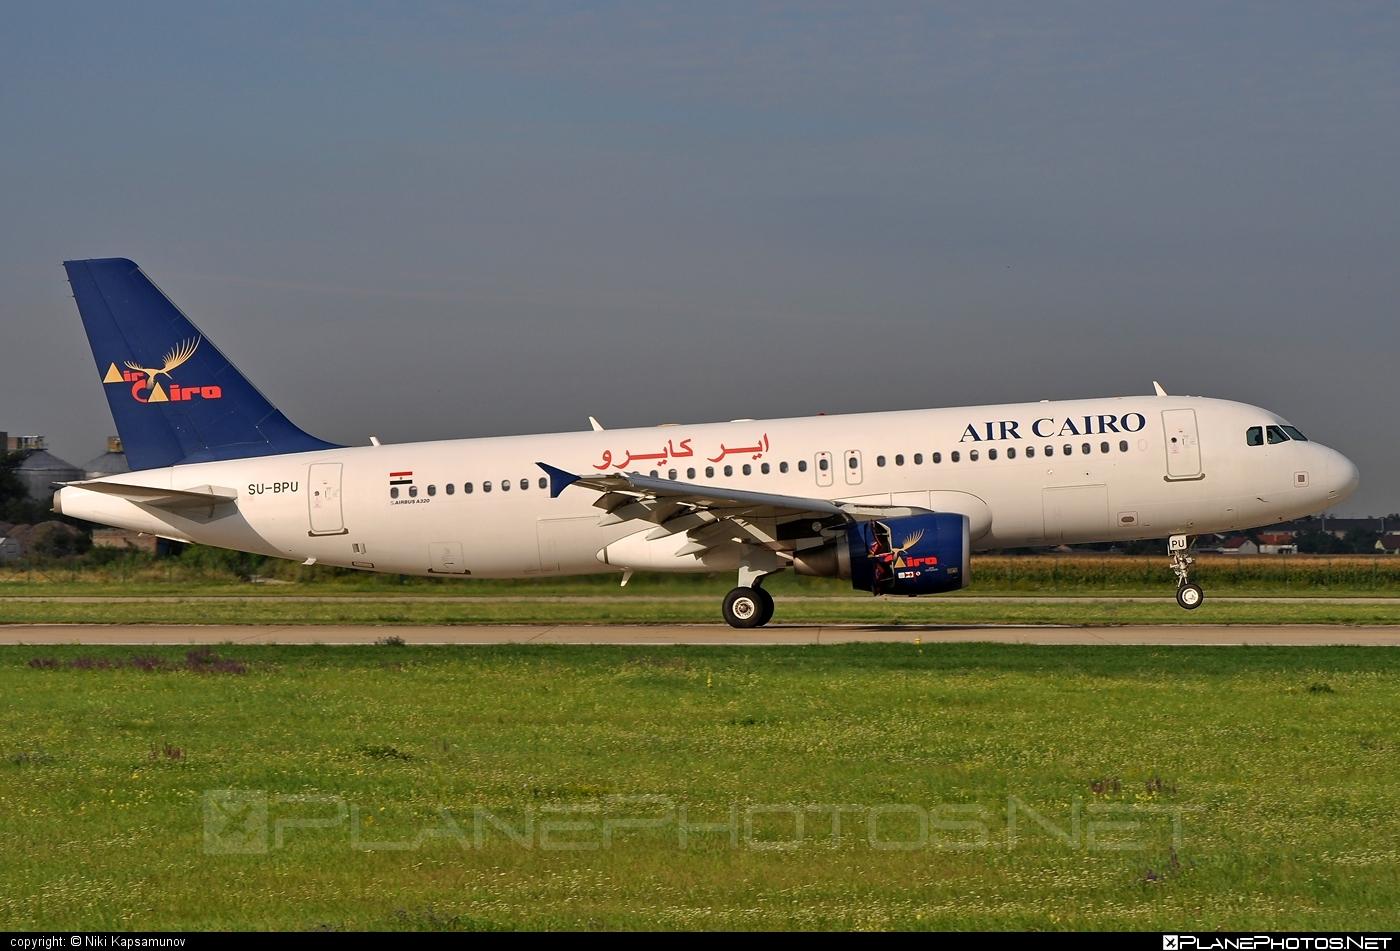 Airbus A320-214 - SU-BPU operated by Air Cairo #a320 #a320family #airbus #airbus320 #aircairo